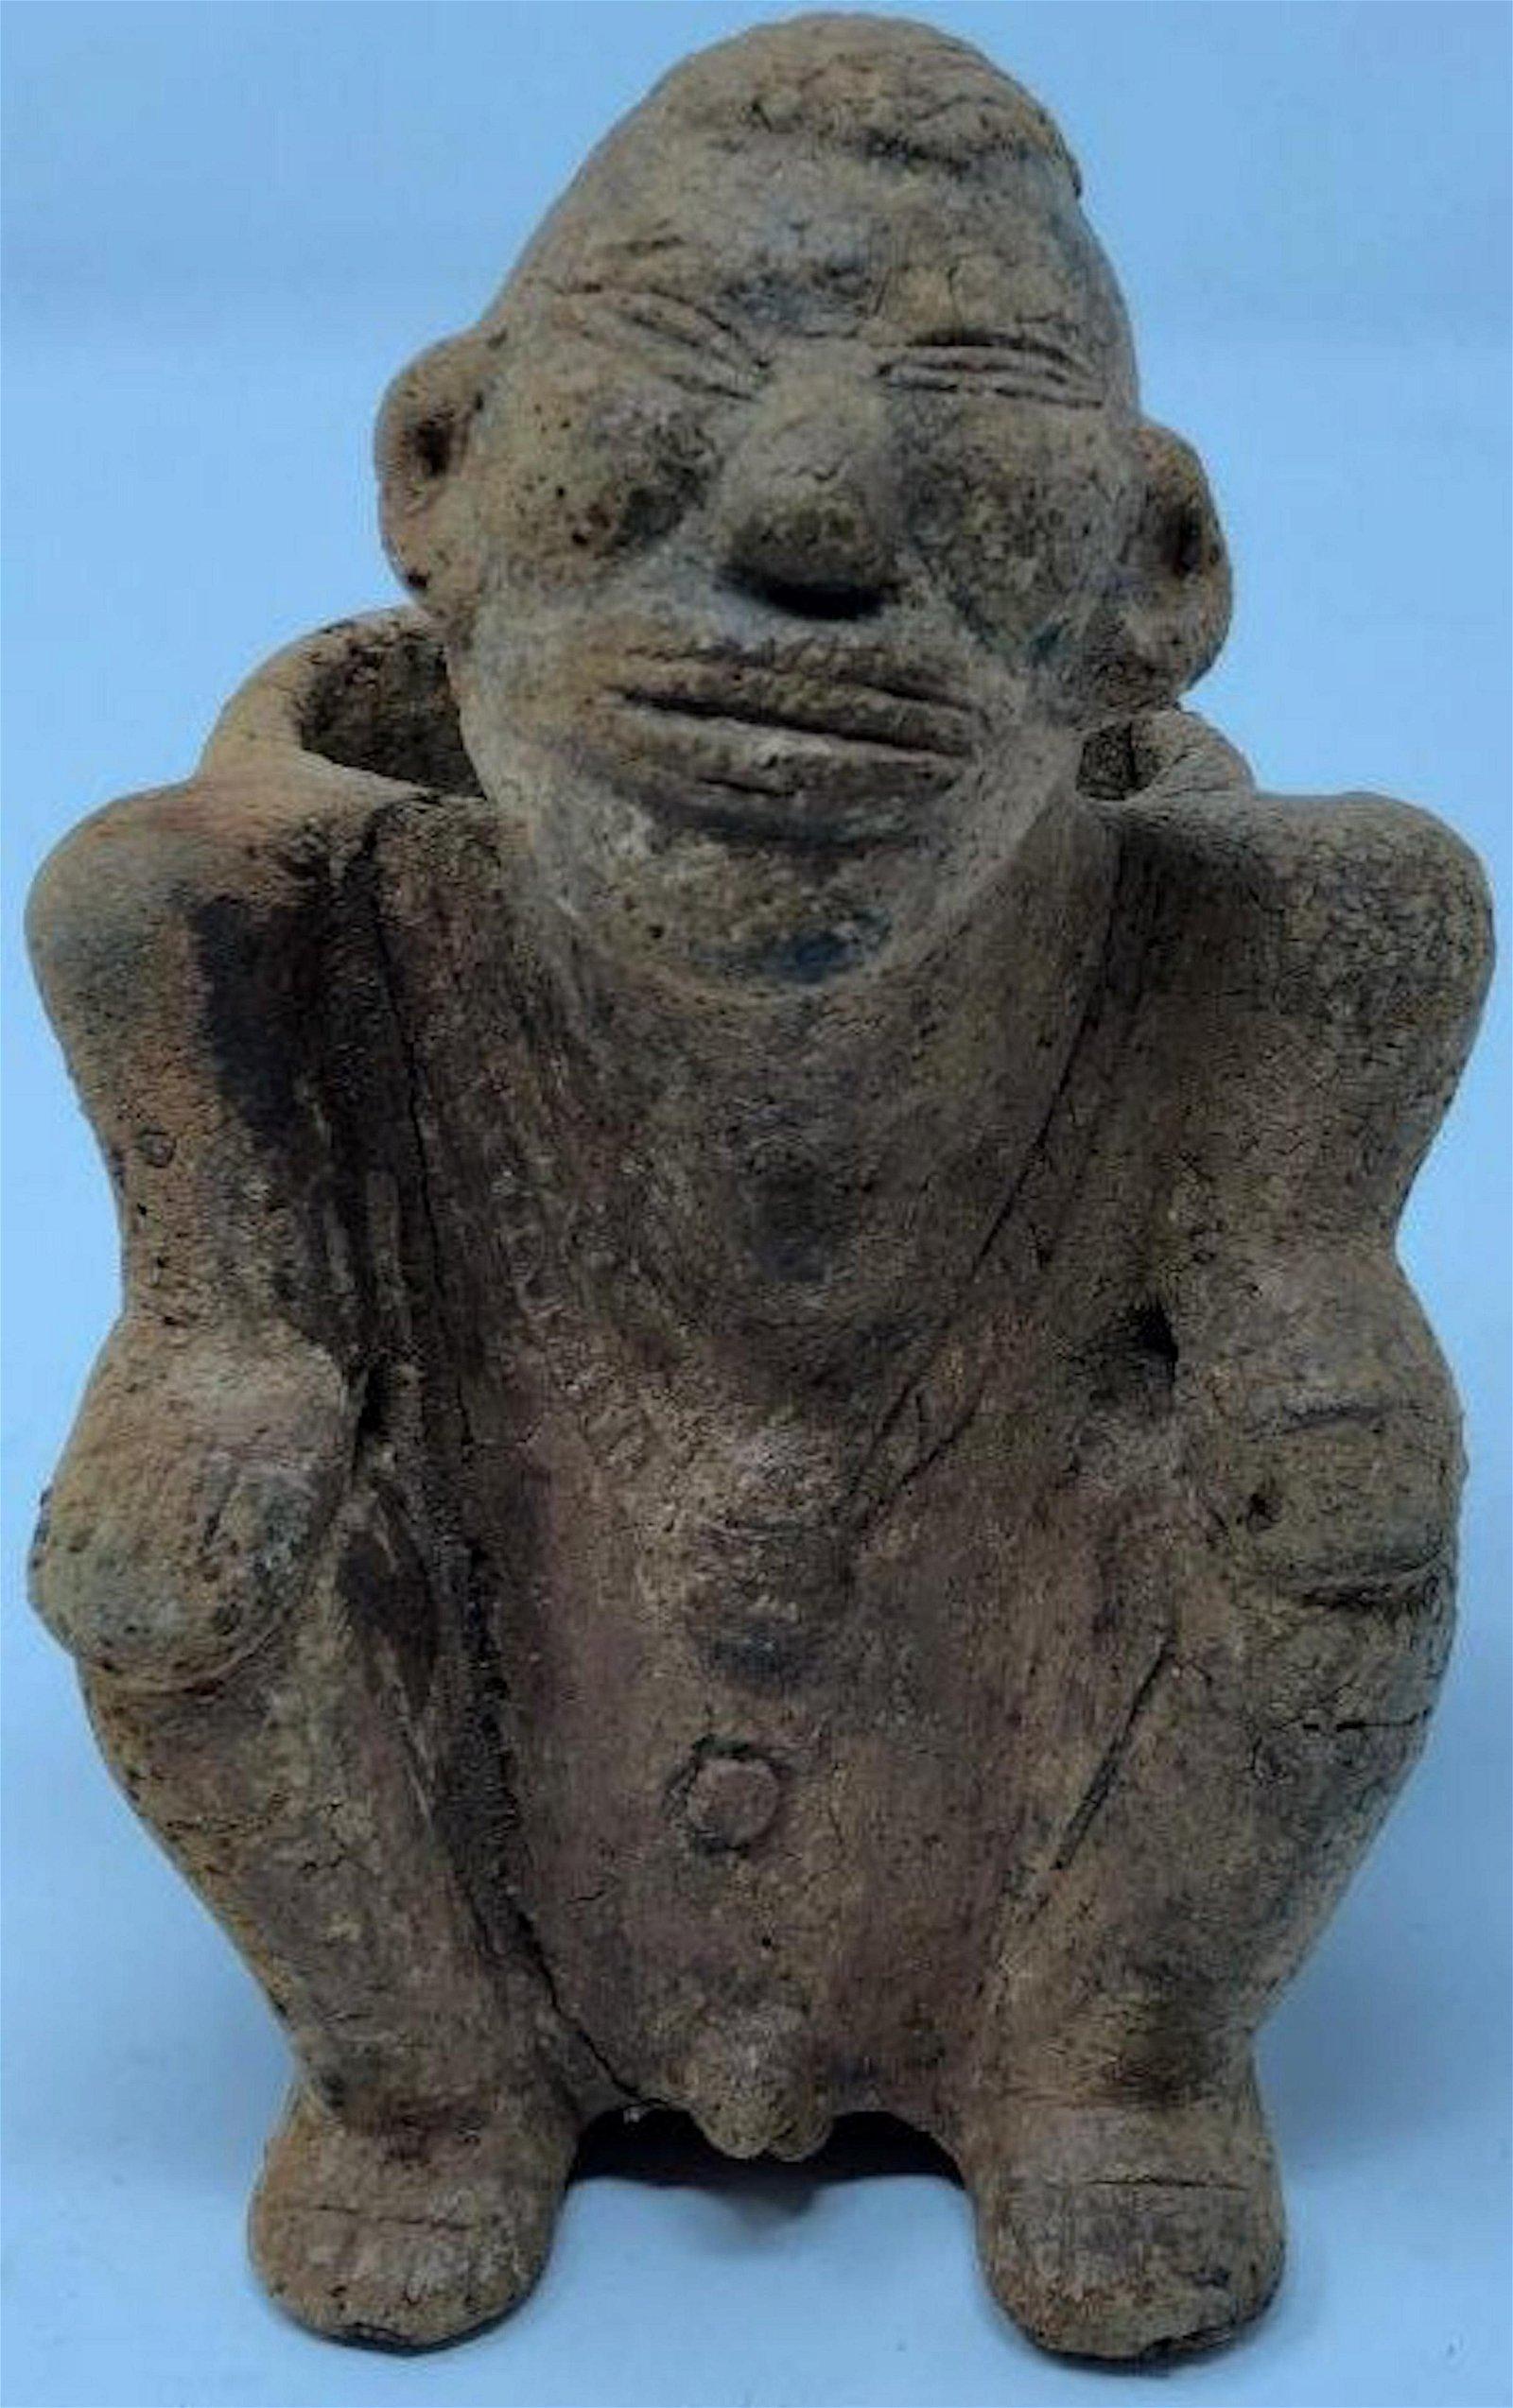 Rare Pre-Columbian Mexico Terracotta Figure